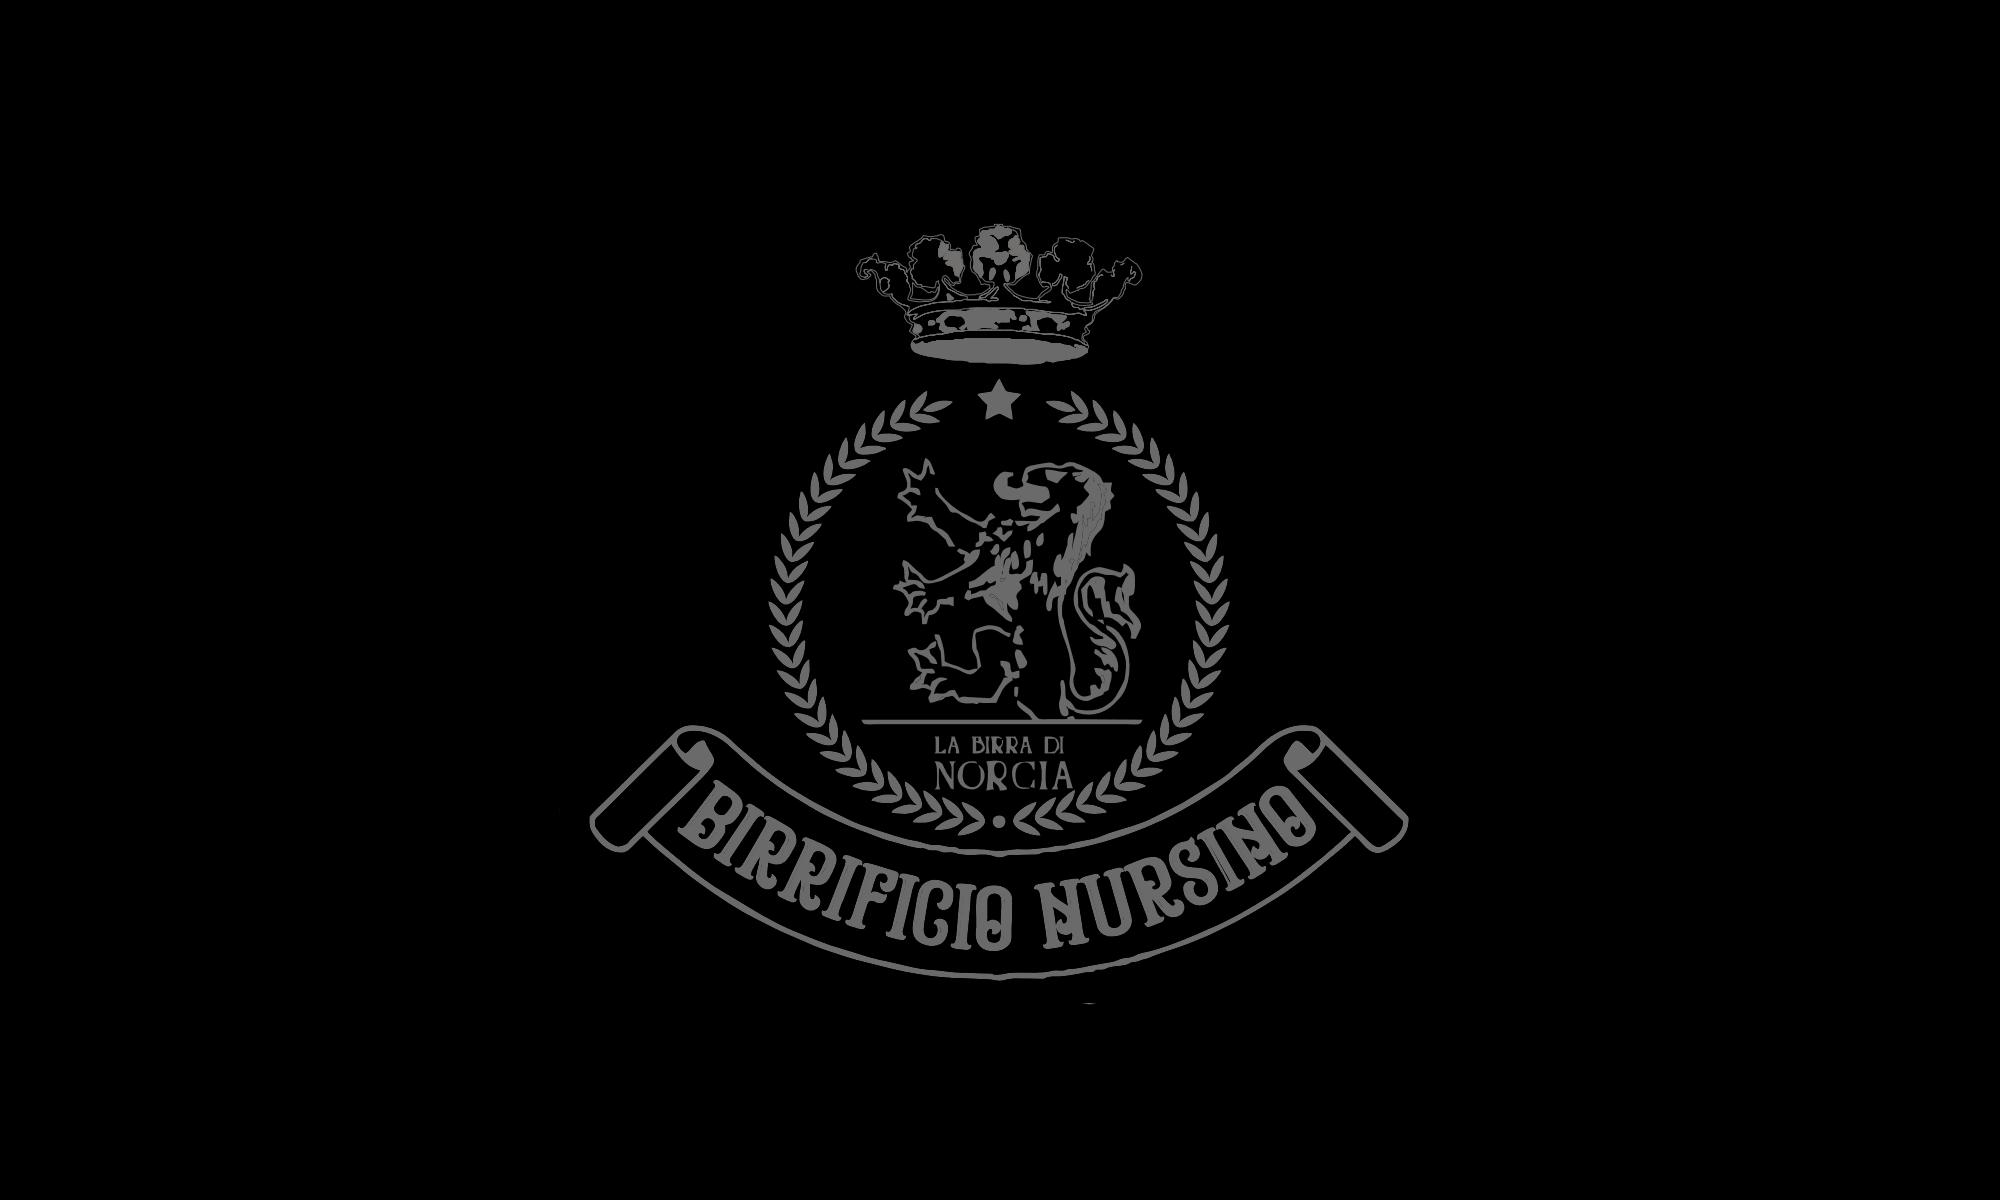 Birrificio Nursino